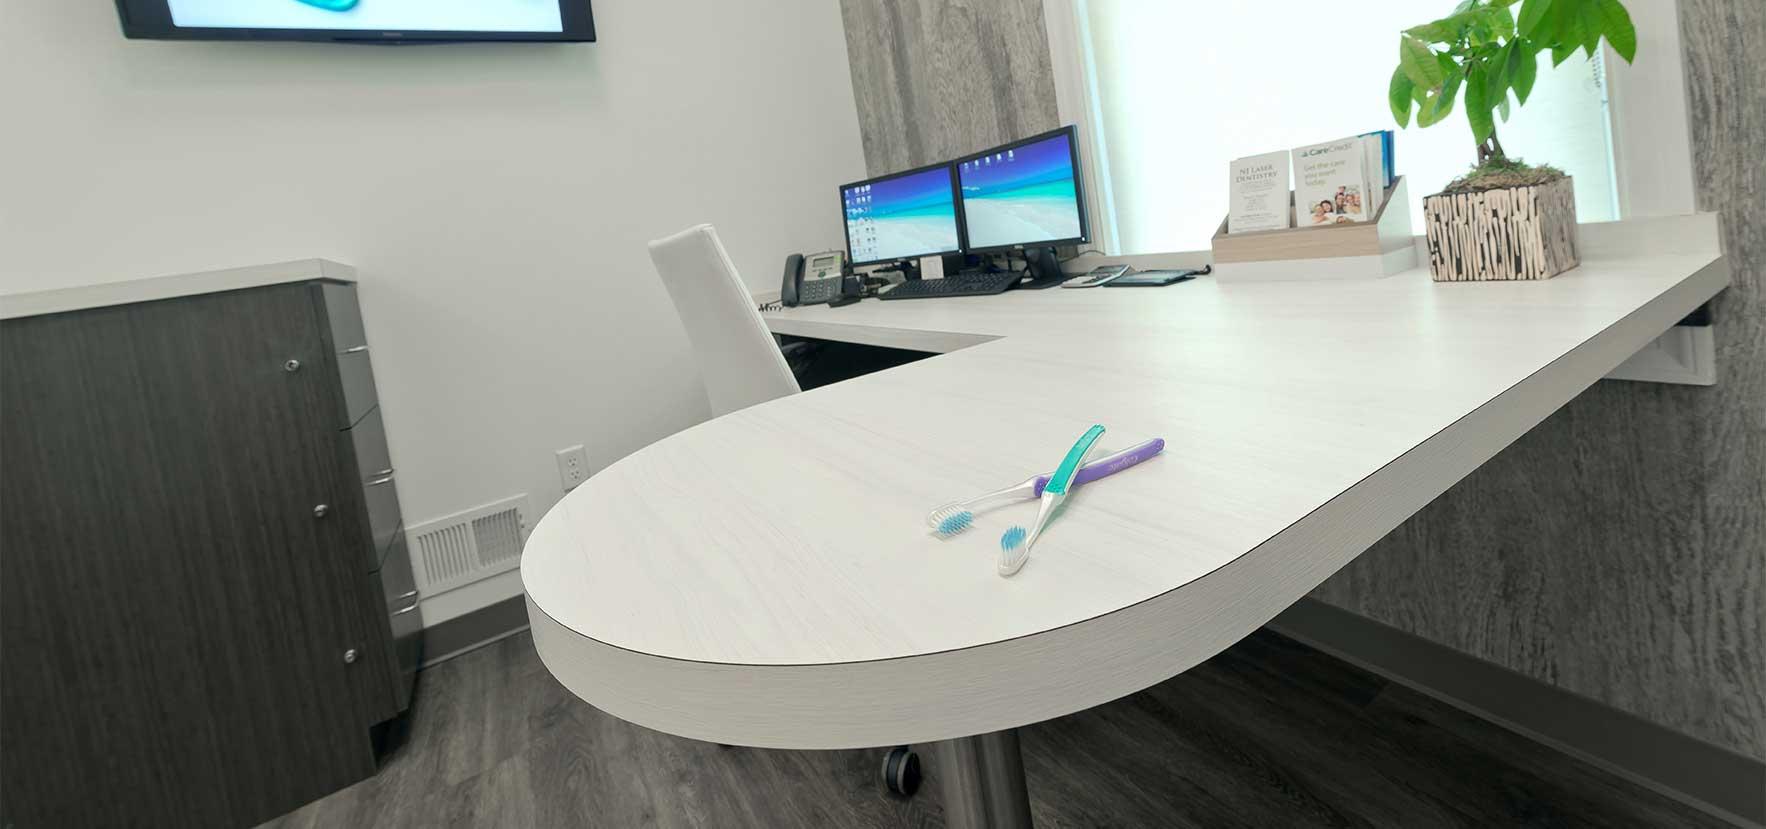 Application Nj Laser Dentistry Consultation Room